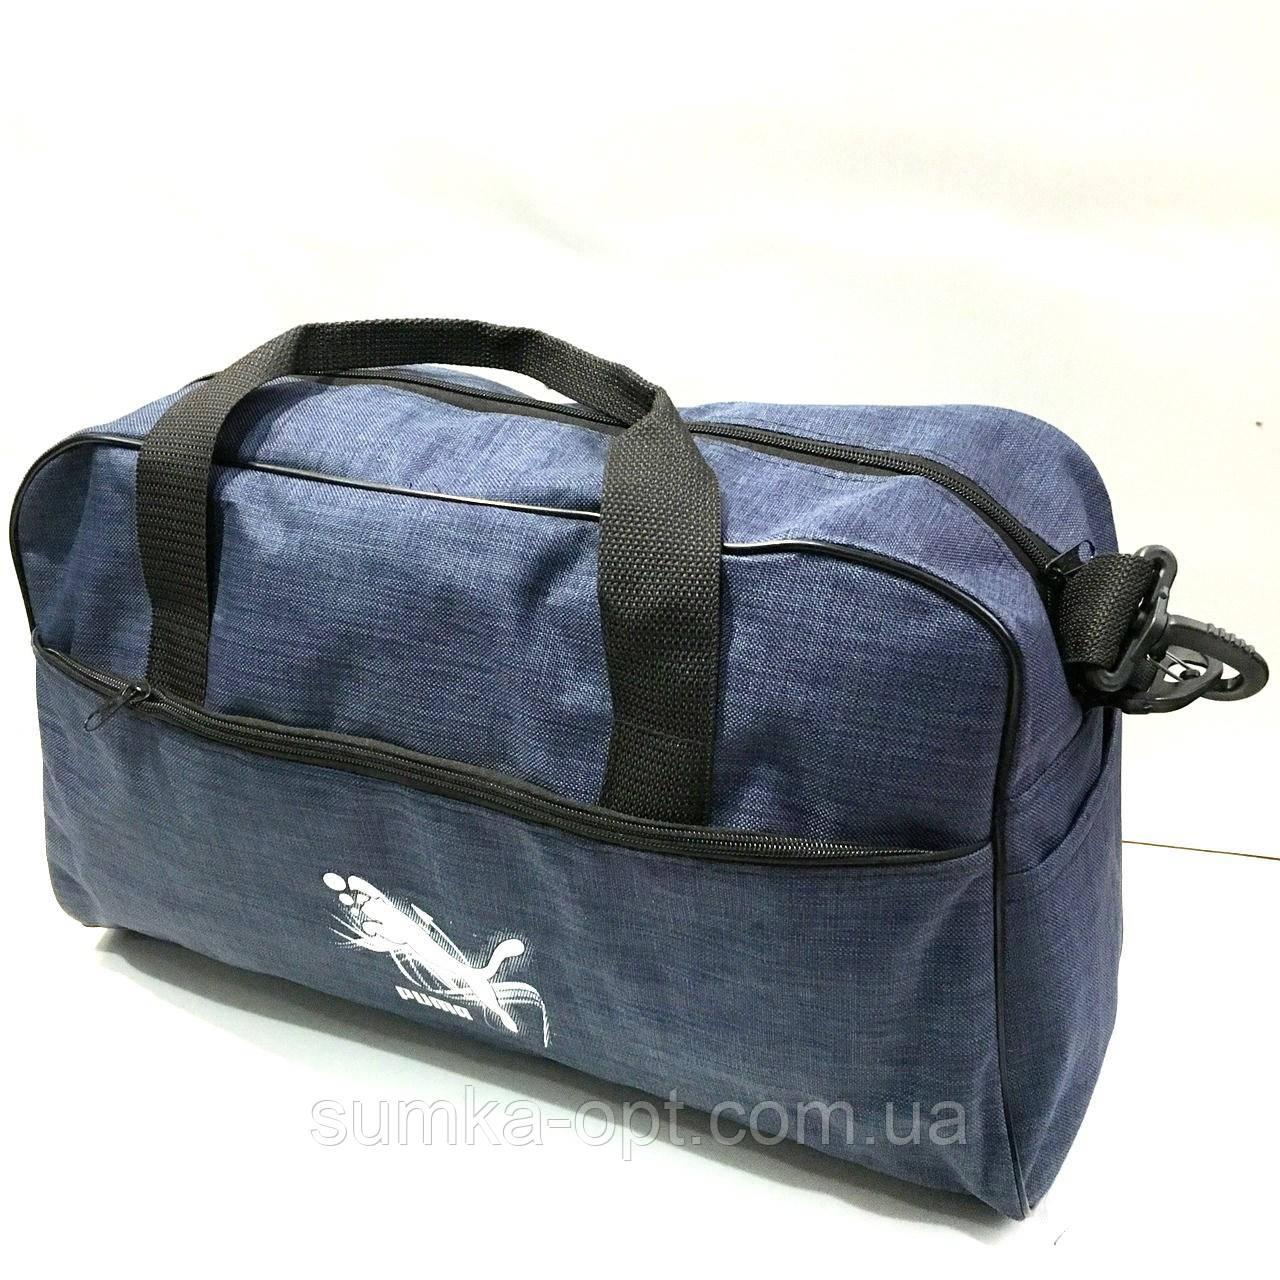 47e240fd Универсальные спортивные сумки Puma (синий)27*45см: продажа, цена в ...